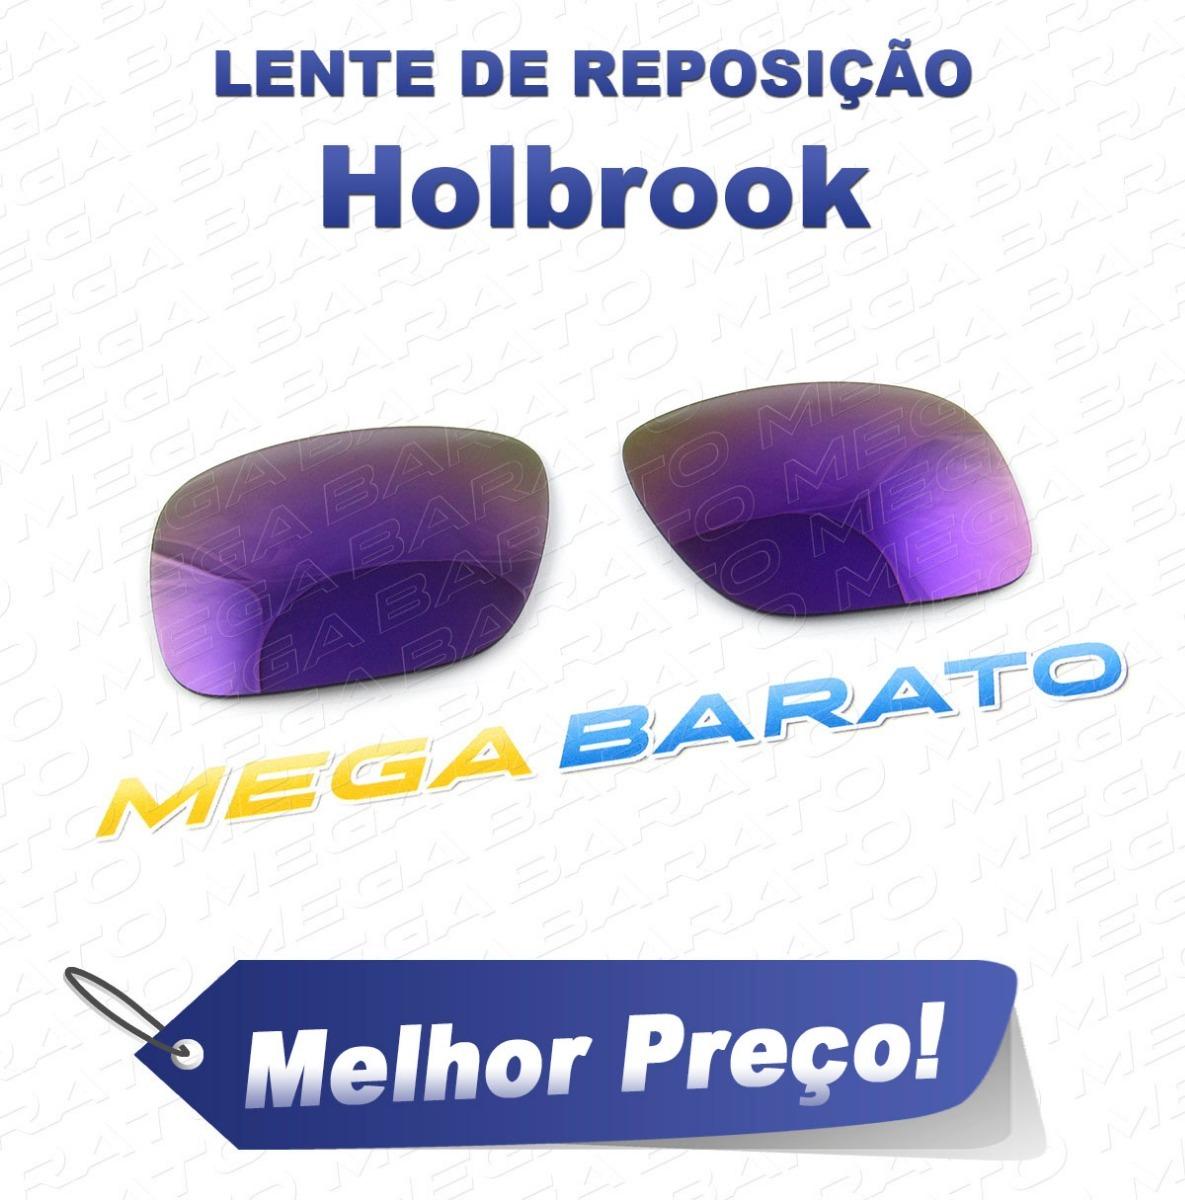 9222e3b8b987c lente óculos holbrook roxo plasma purple polarizada. Carregando zoom.